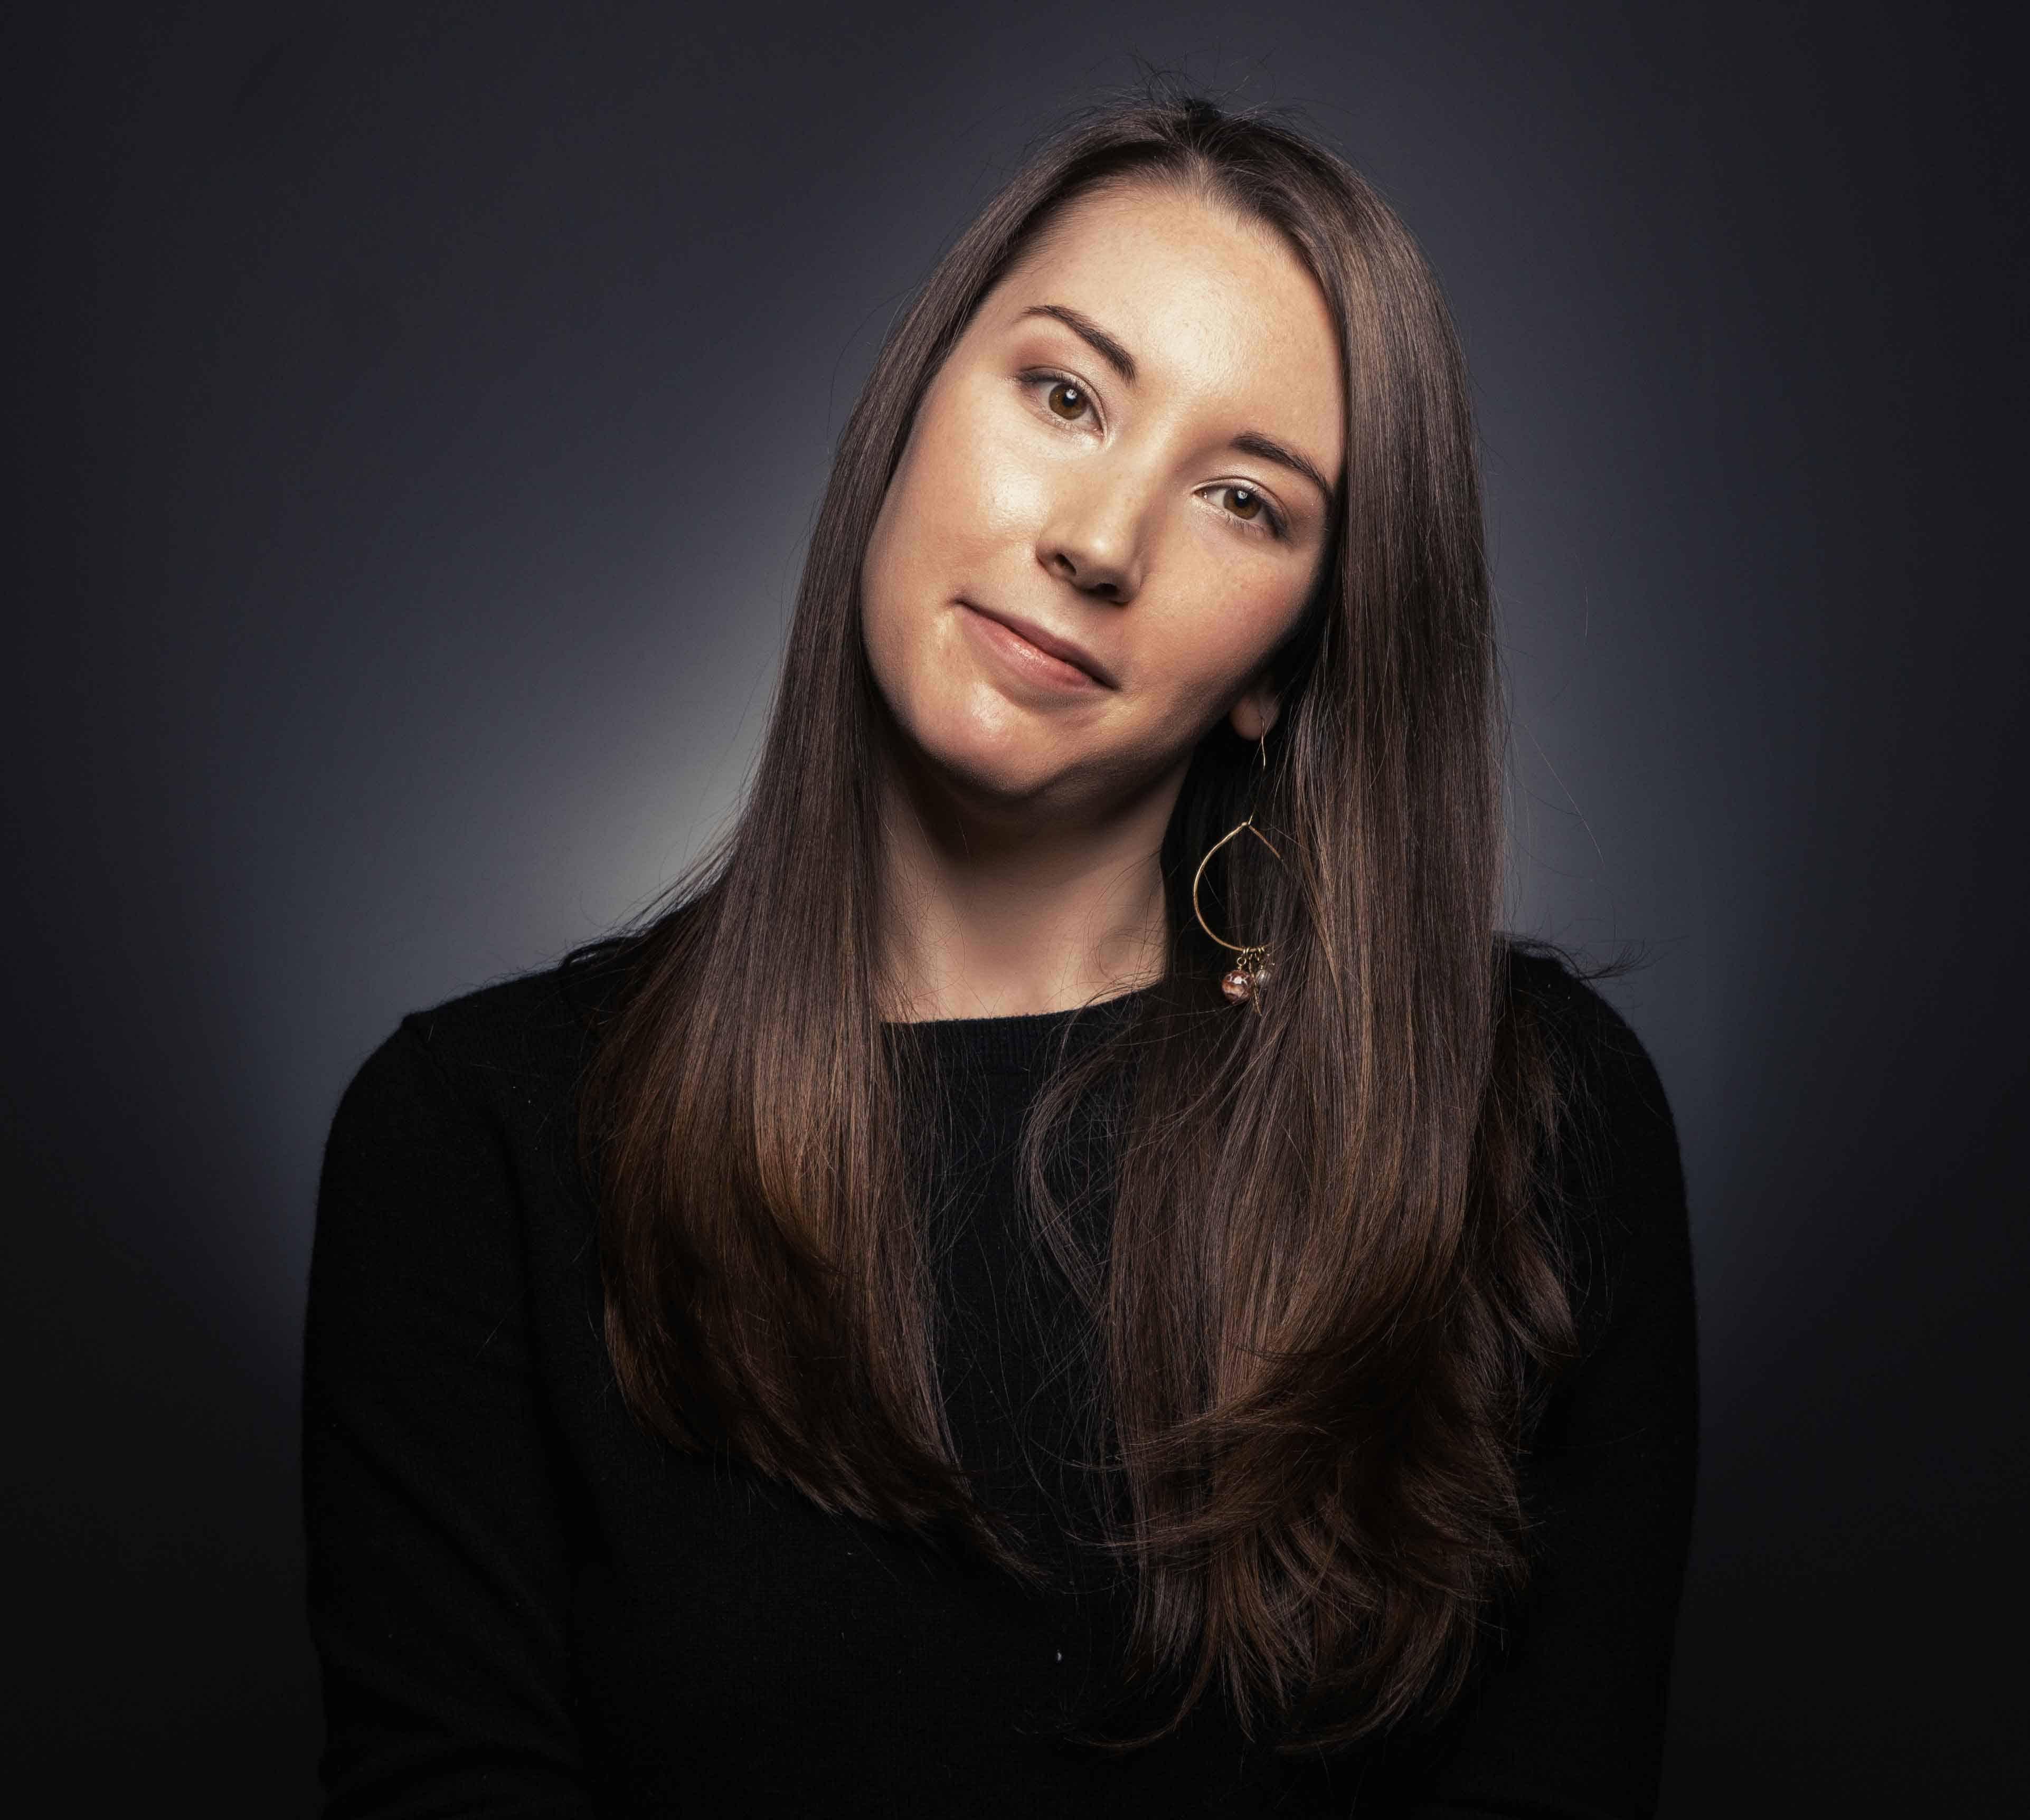 Sarah Akers